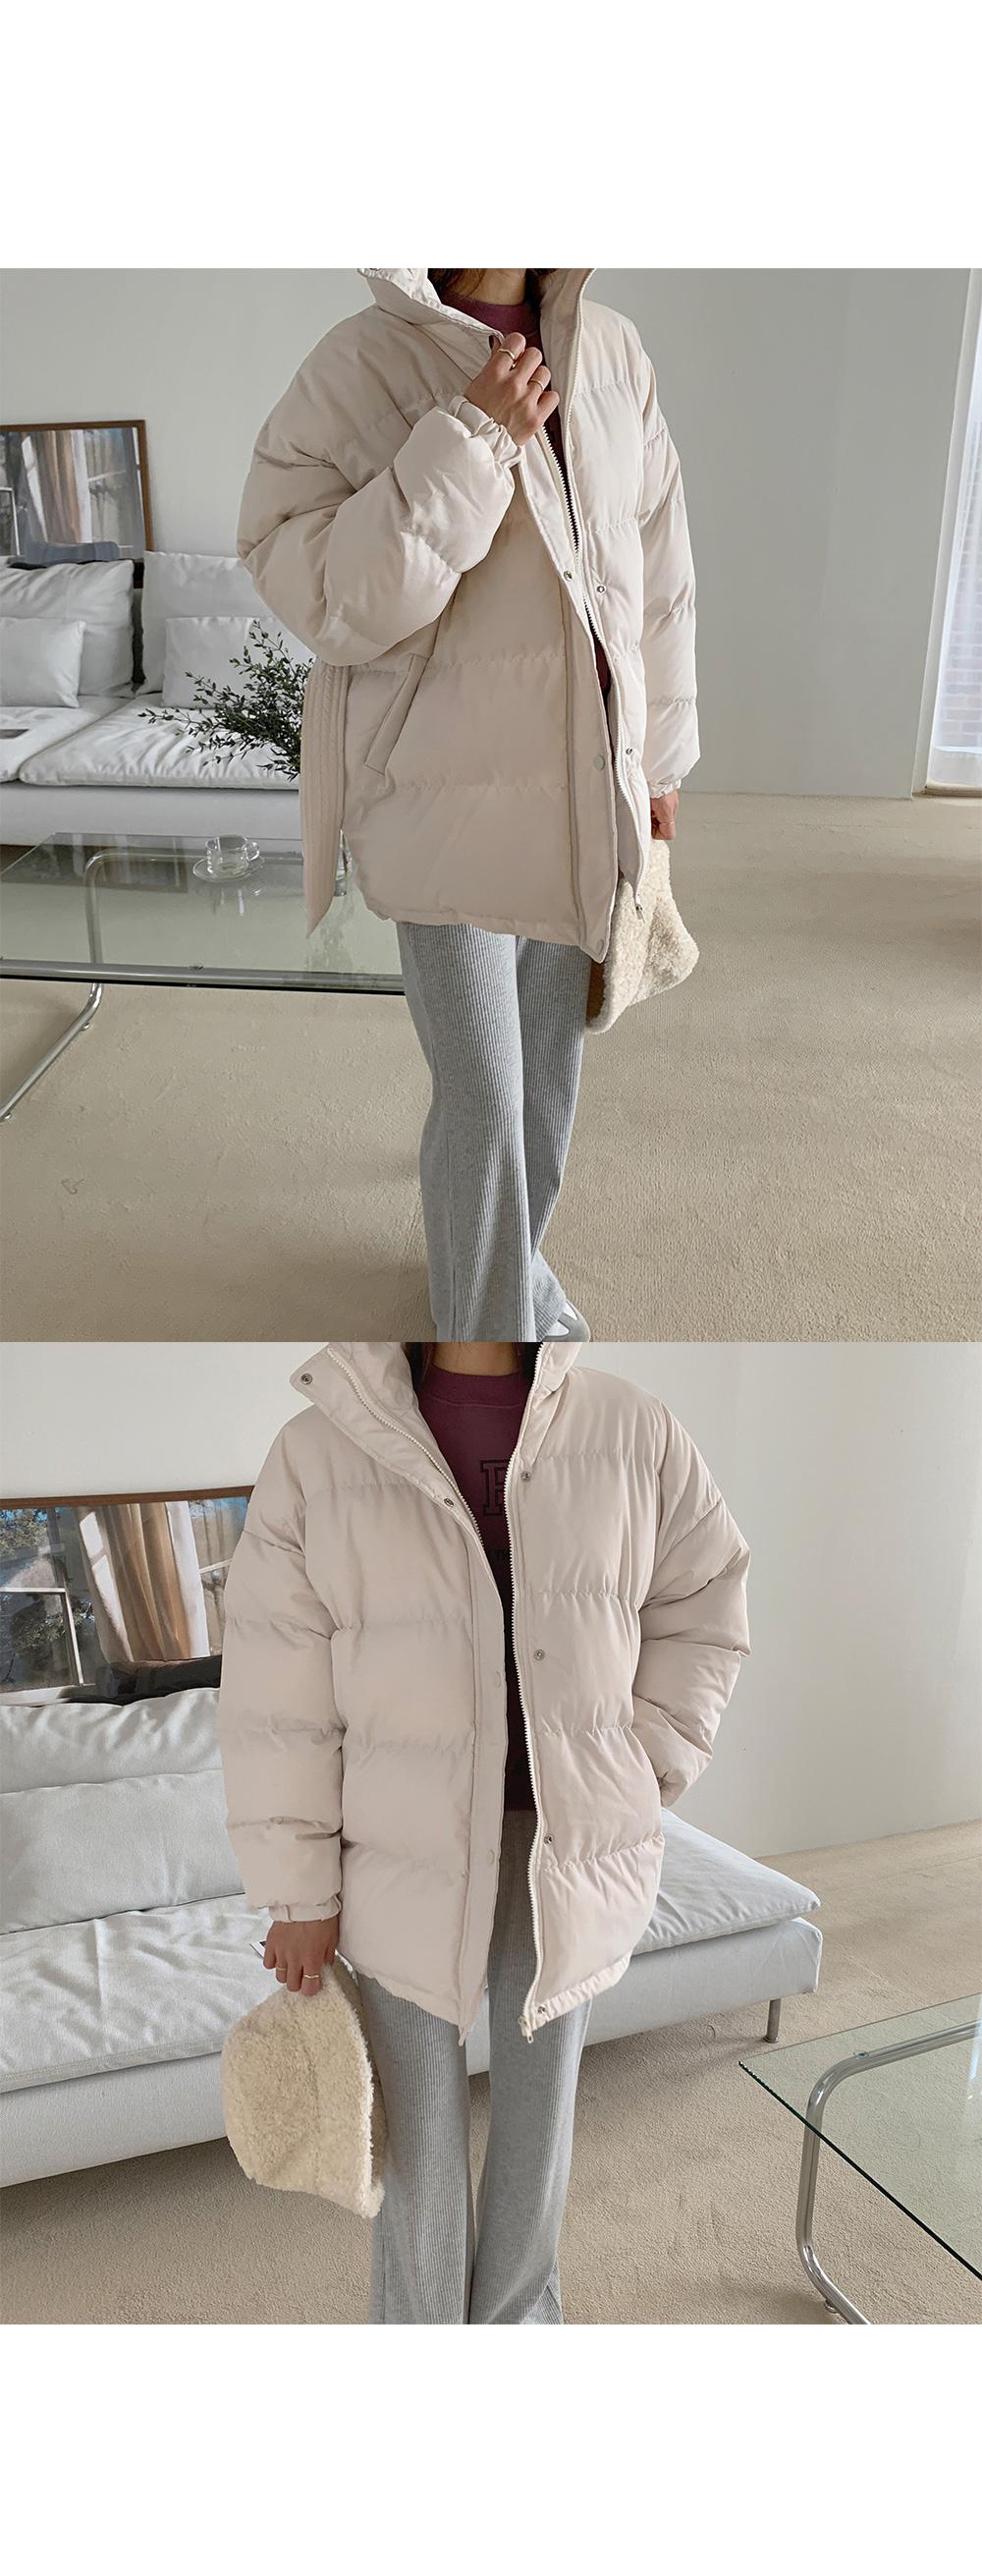 긴팔 티셔츠 상품 이미지-S1L18